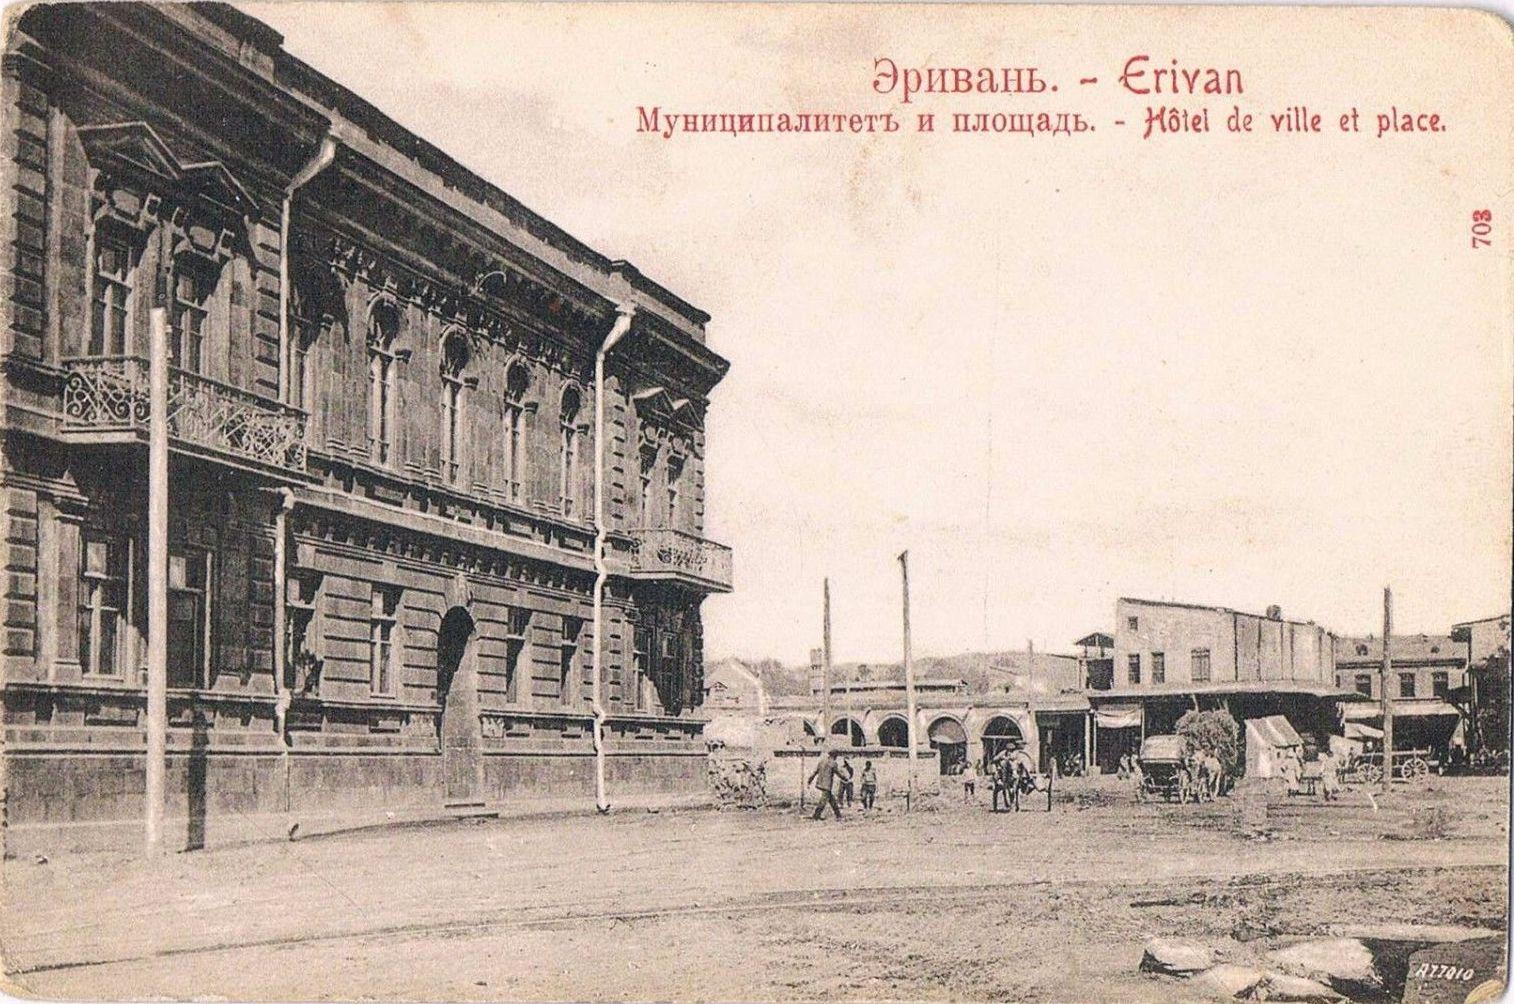 Муниципалитет и площадь